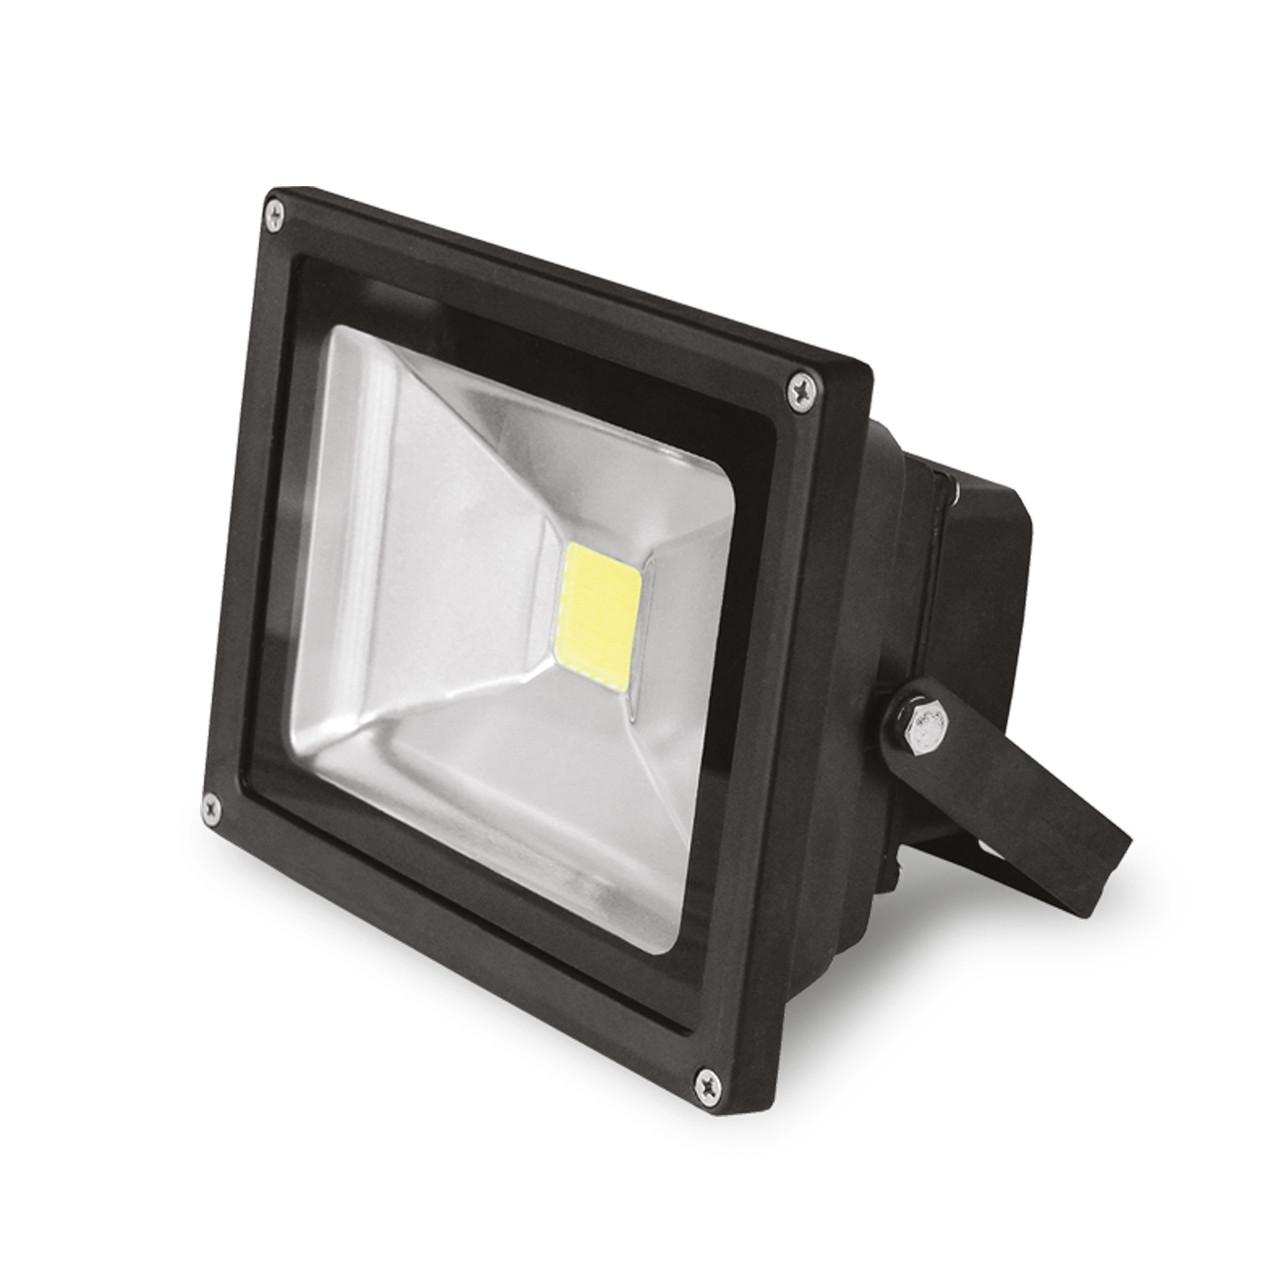 EUROELECTRIC LED Прожектор COB 30W 6500K classic, фото 1